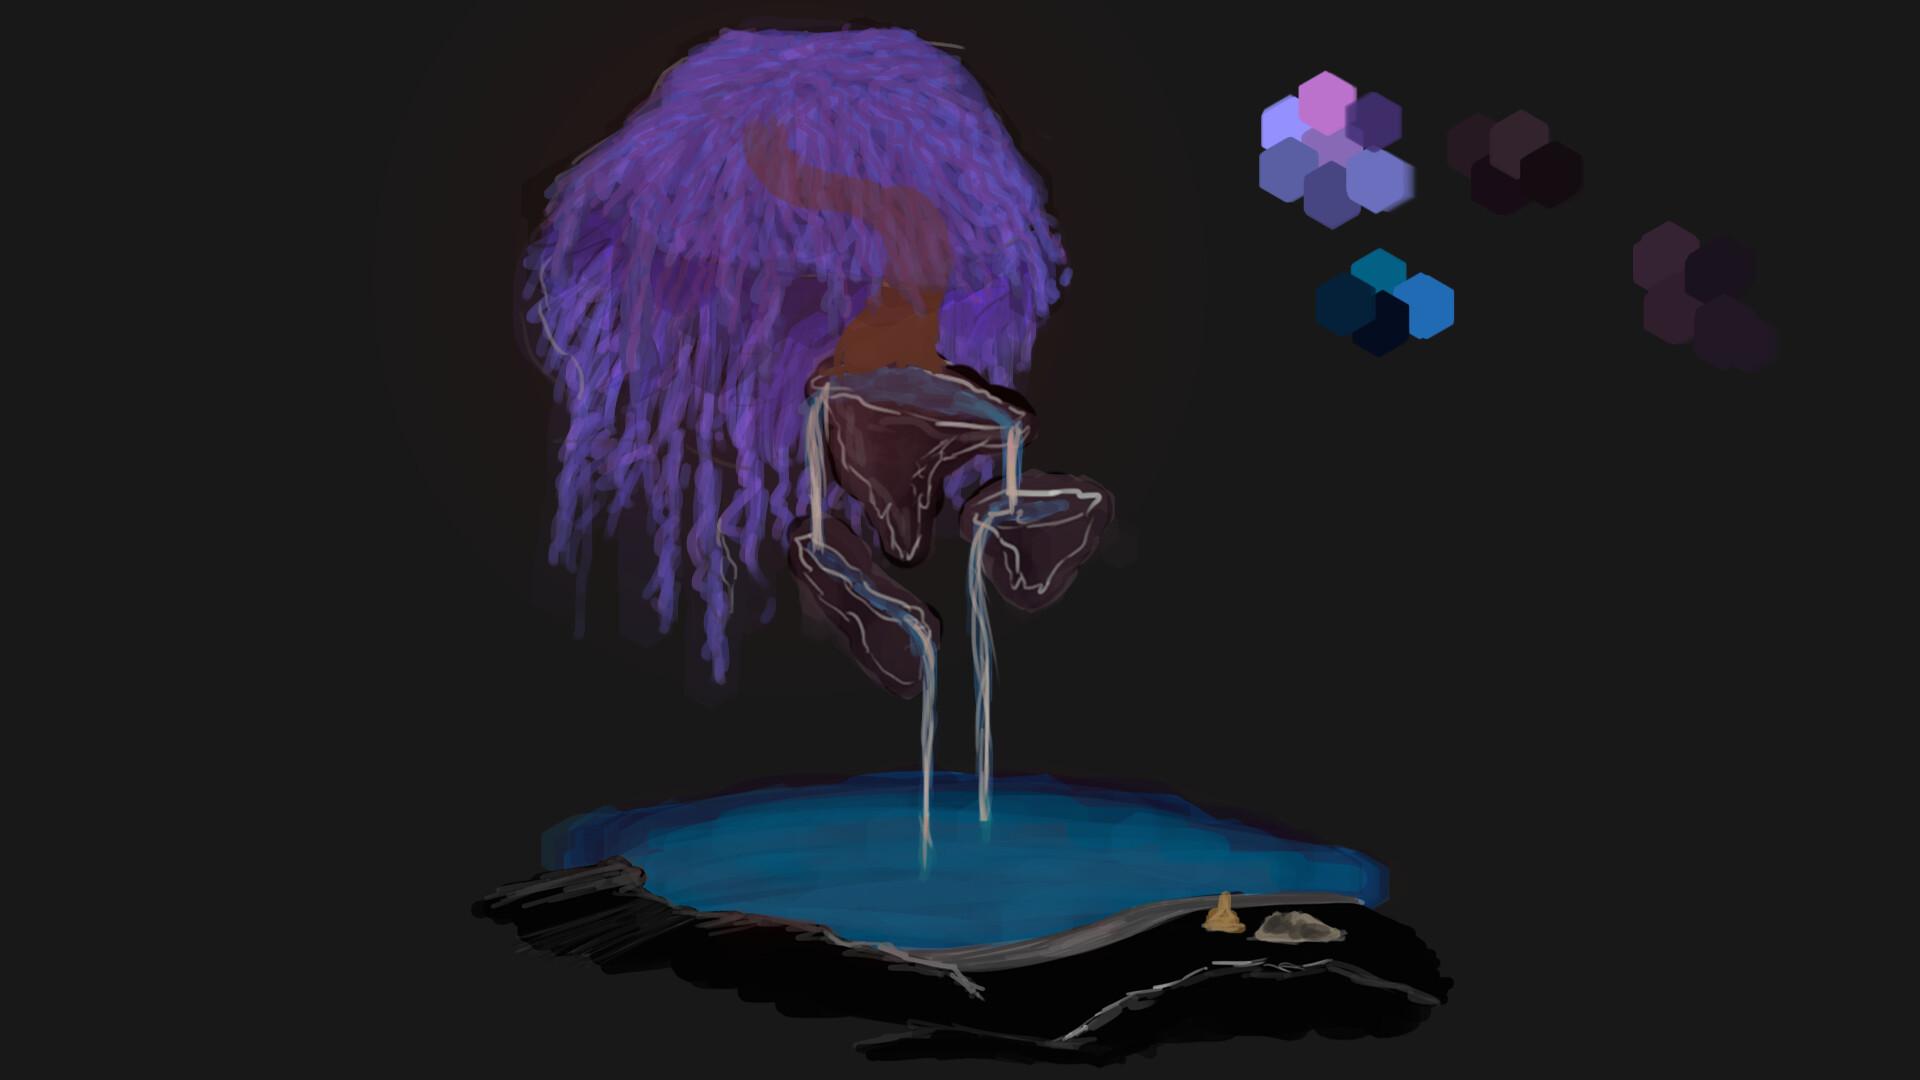 Alice fay hartigan island concept malicefay